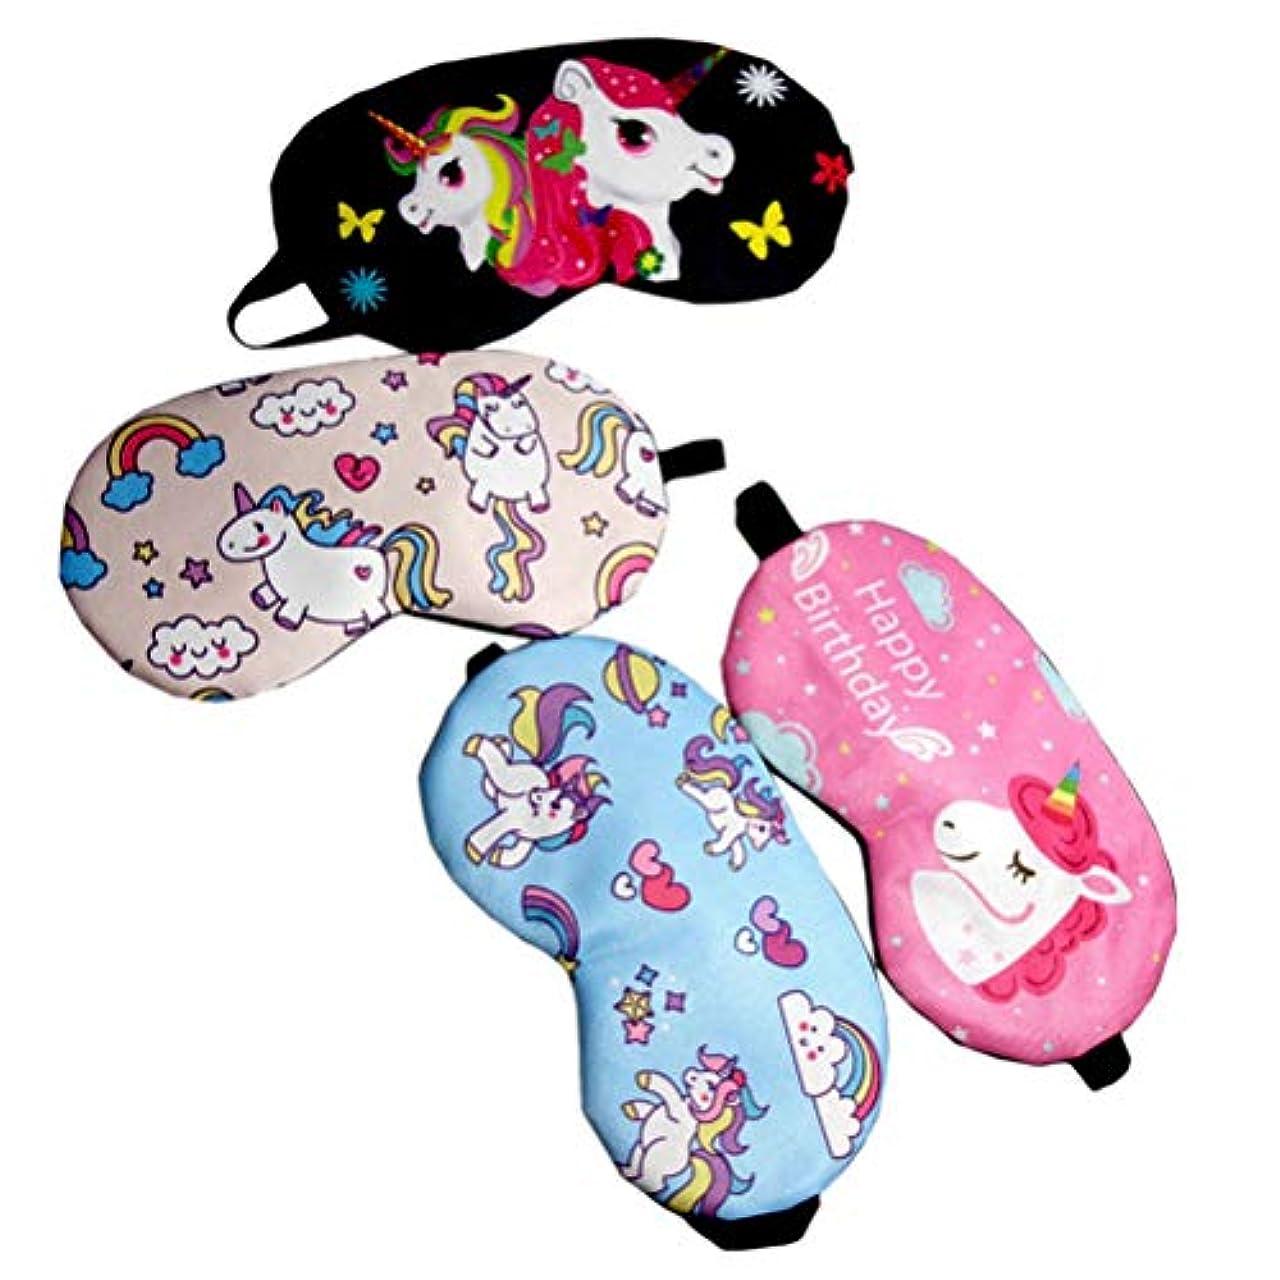 事故出しますパーティション子供のためのBeaupretty 4PCSユニコーン睡眠マスクカバー軽量目隠しソフトアイマスク(ブラック+ローズレッド+ライトピンク+ライトブルー)